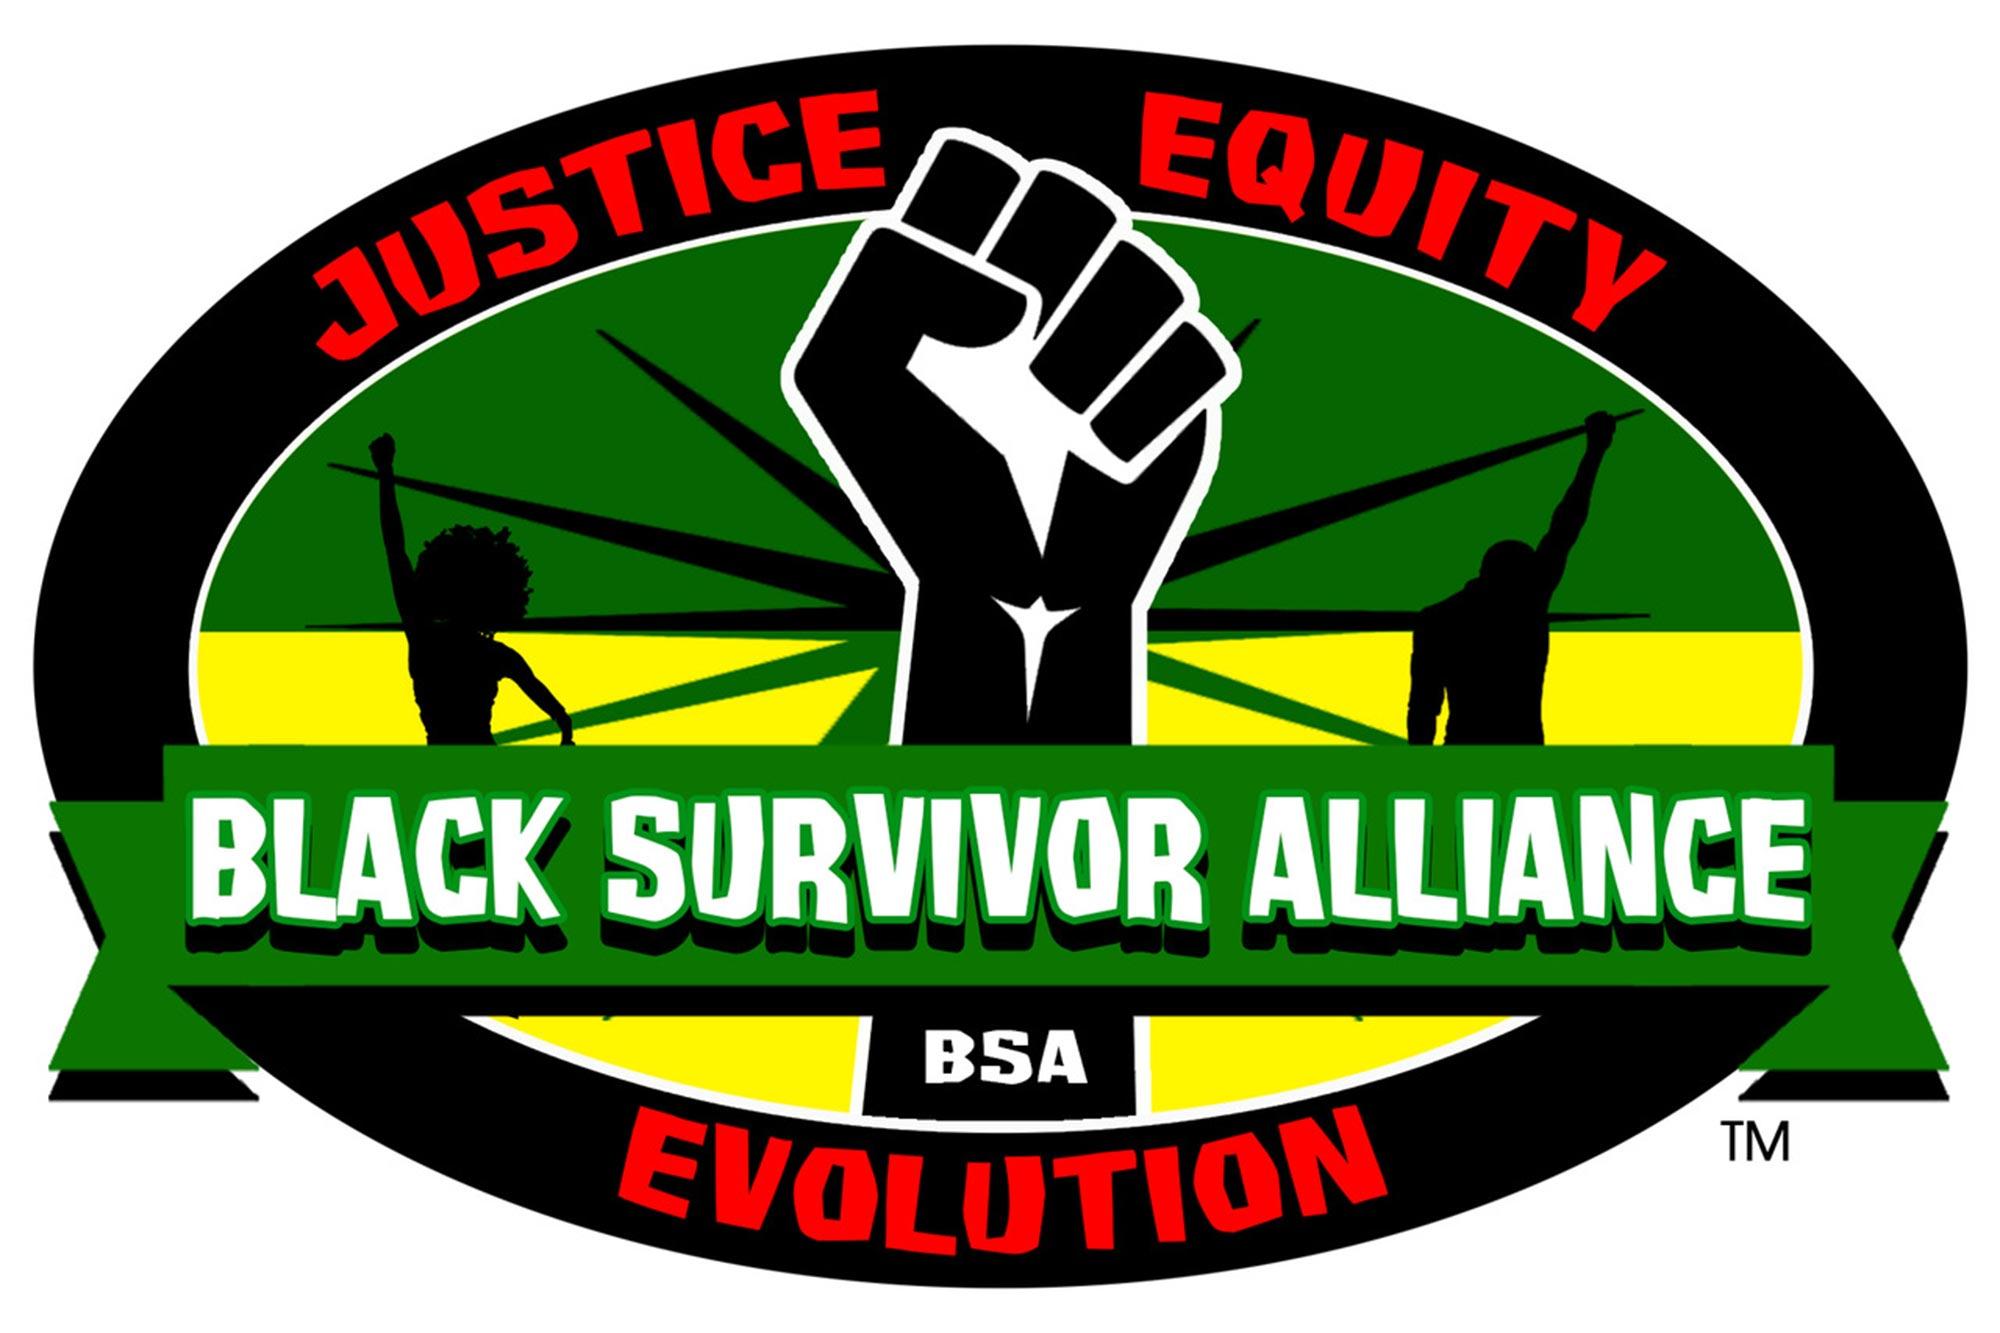 Black Survivor Alliance artwork